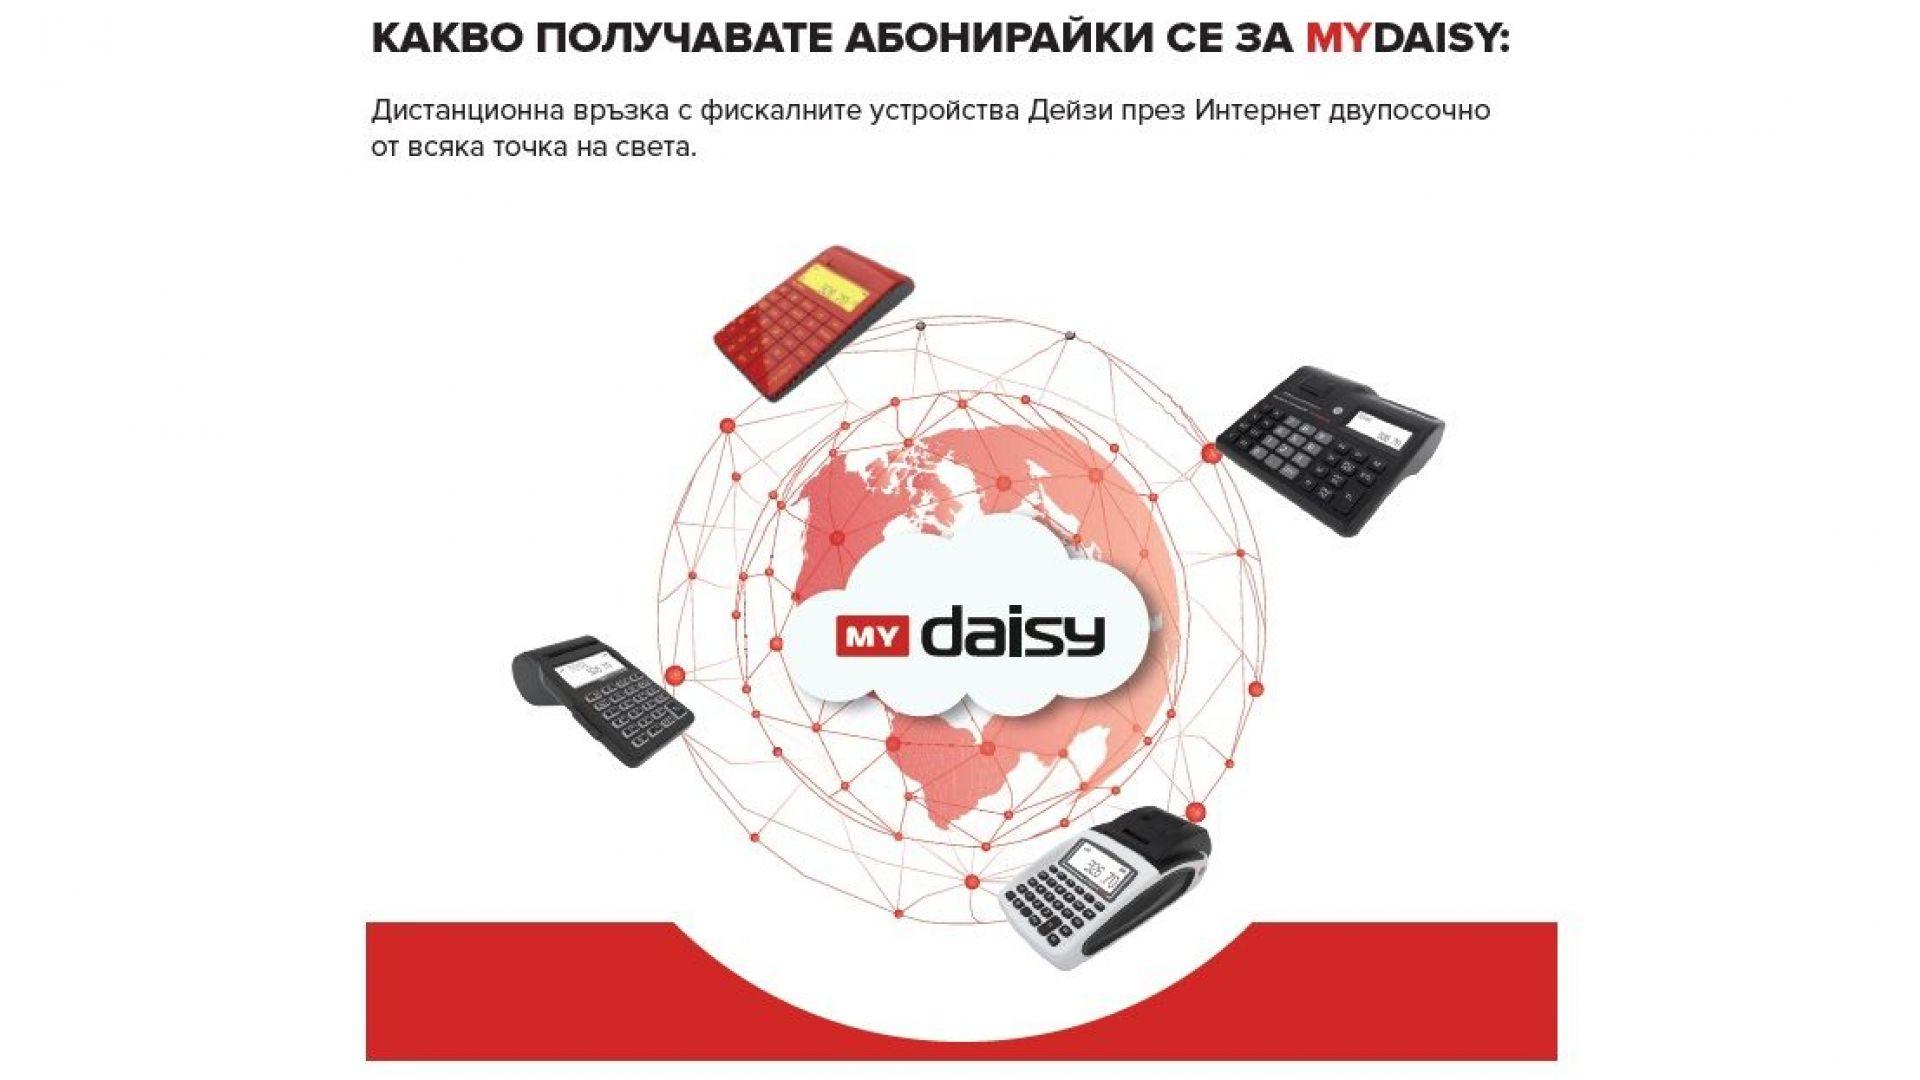 Платформата осигурява много функционалности, а вие може да споделите информацията от нея директно със счетоводителя си